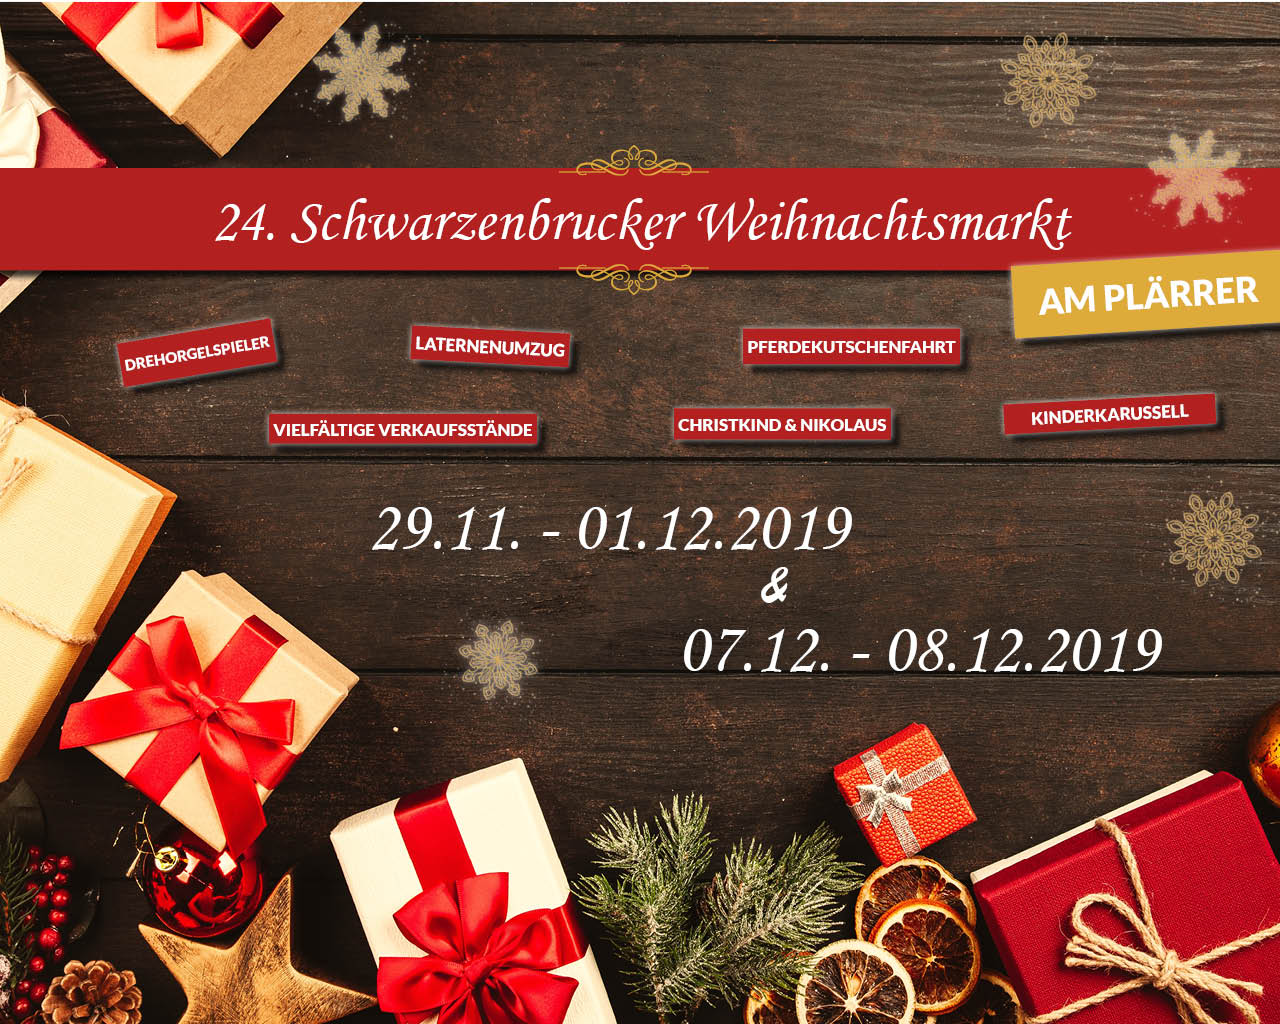 24. Schwarzenbrucker Weihnachtsmarkt